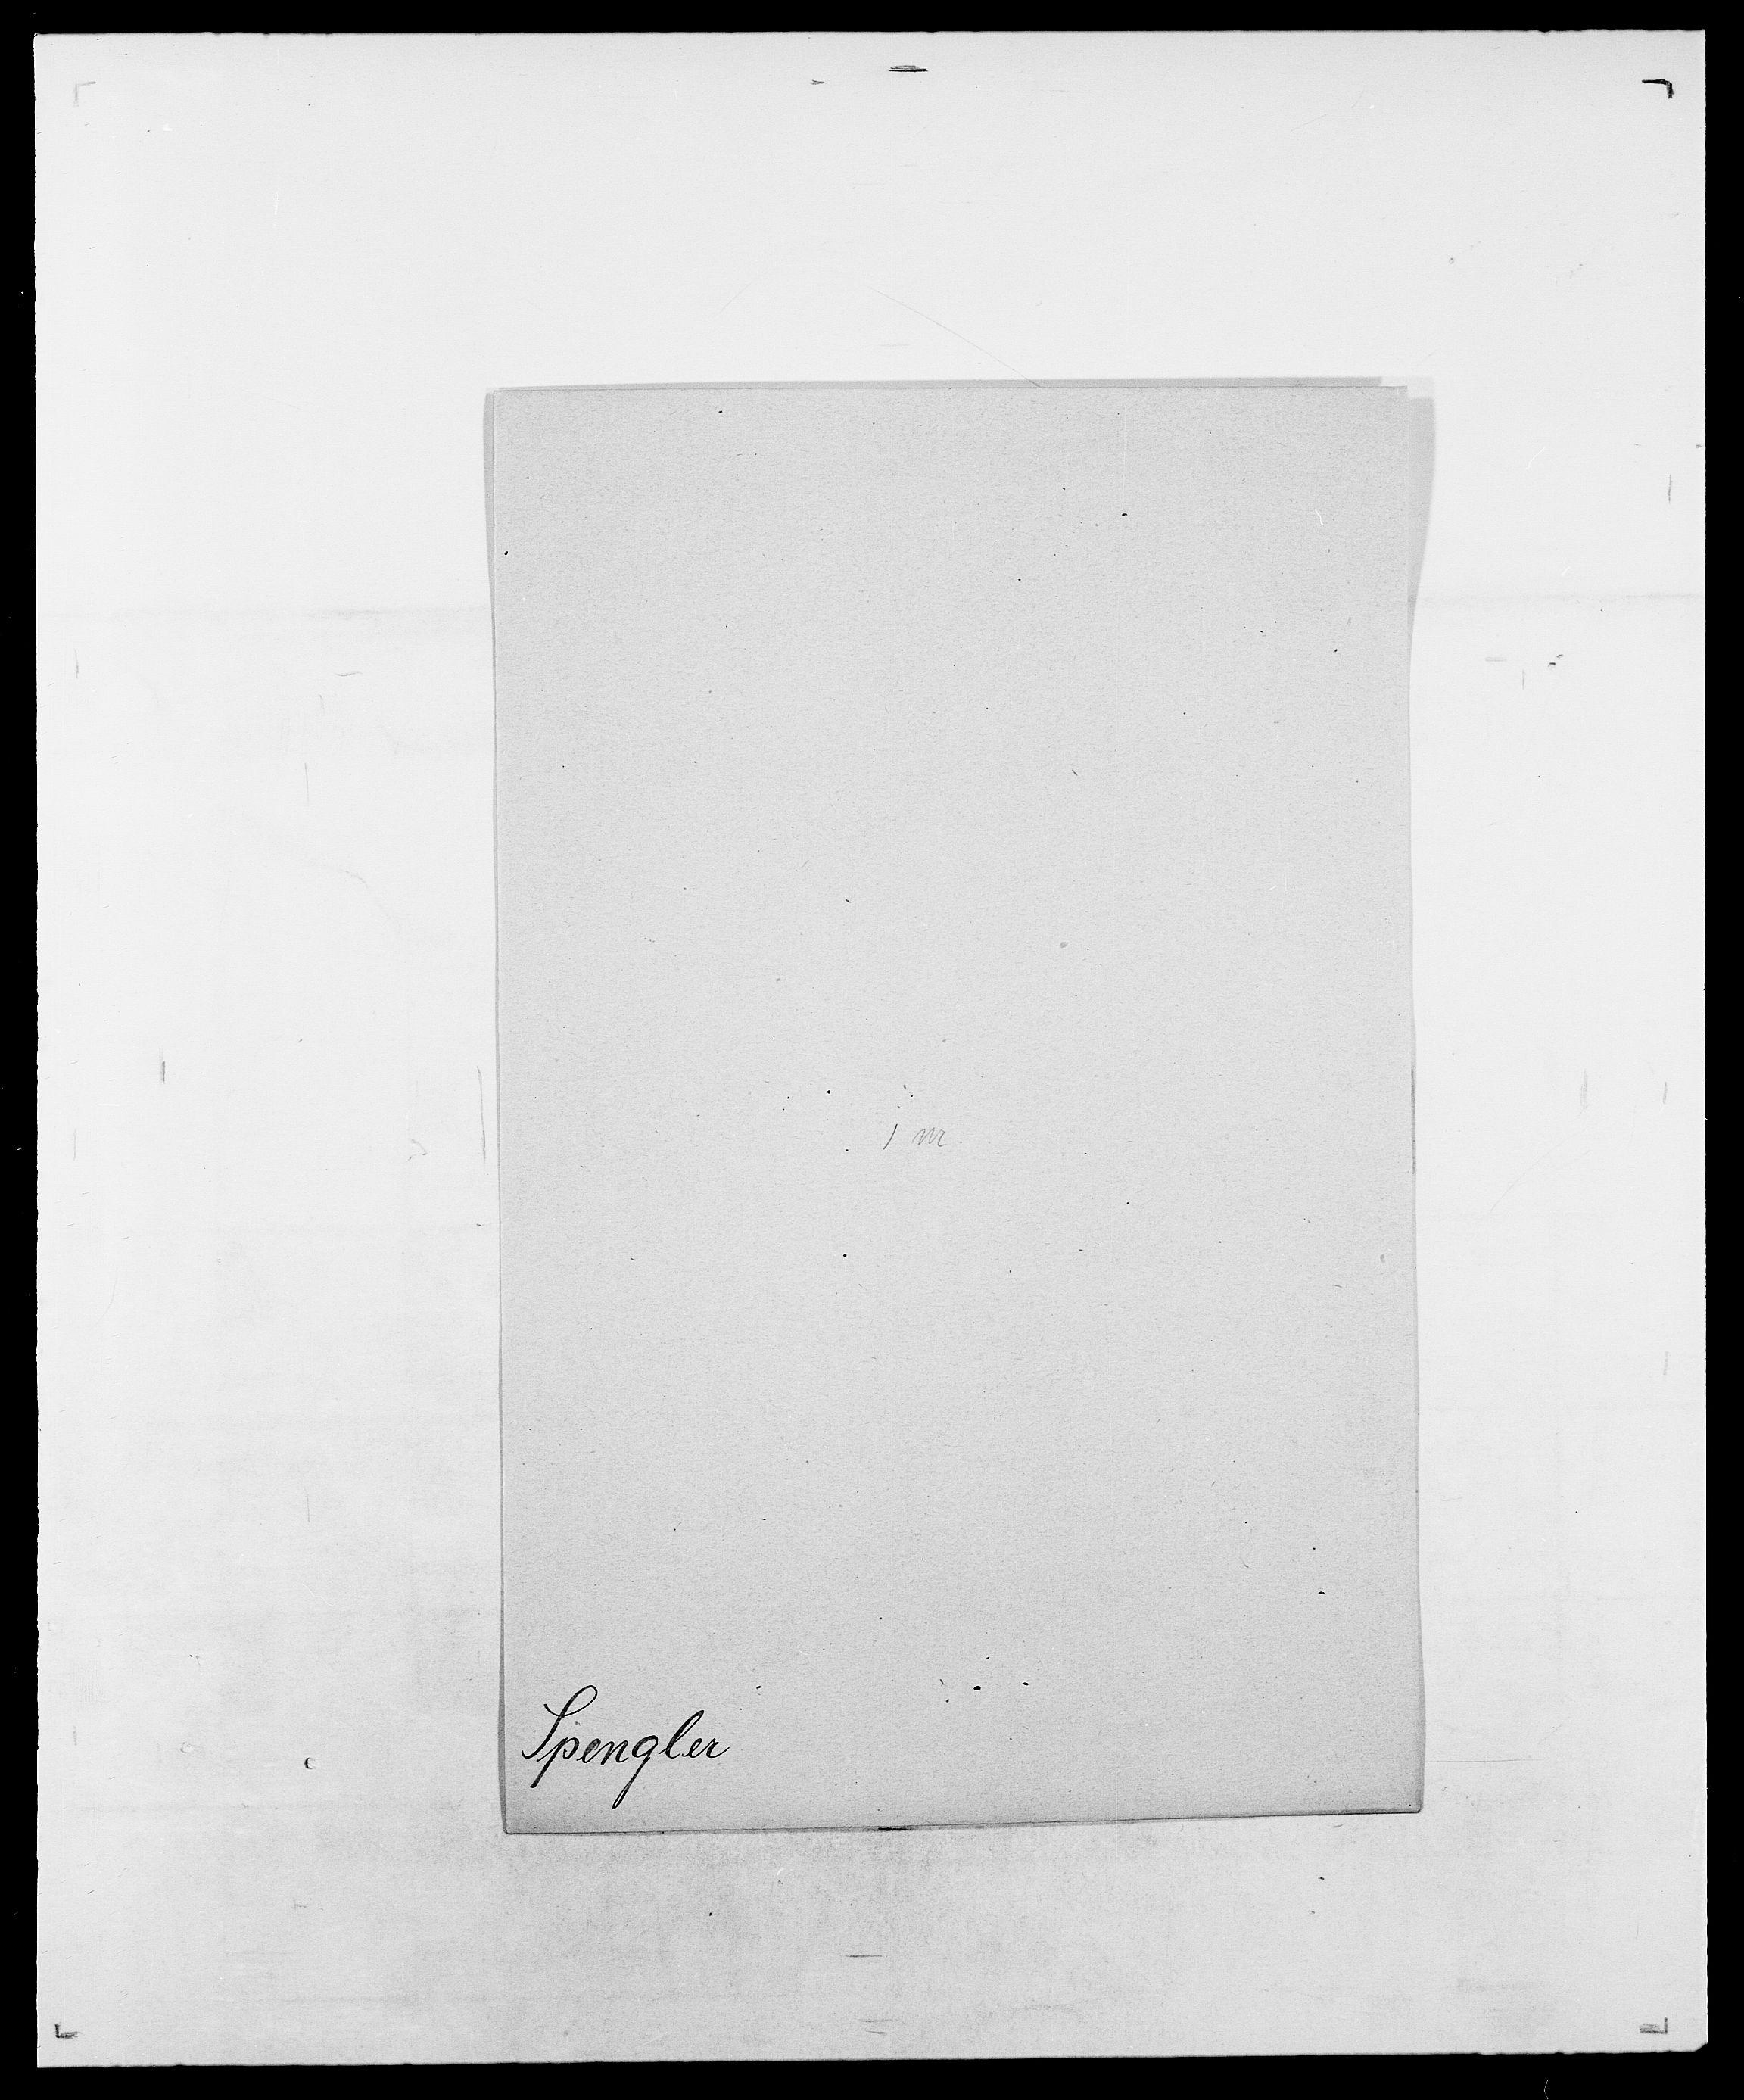 SAO, Delgobe, Charles Antoine - samling, D/Da/L0036: Skaanør - Staverskov, s. 534